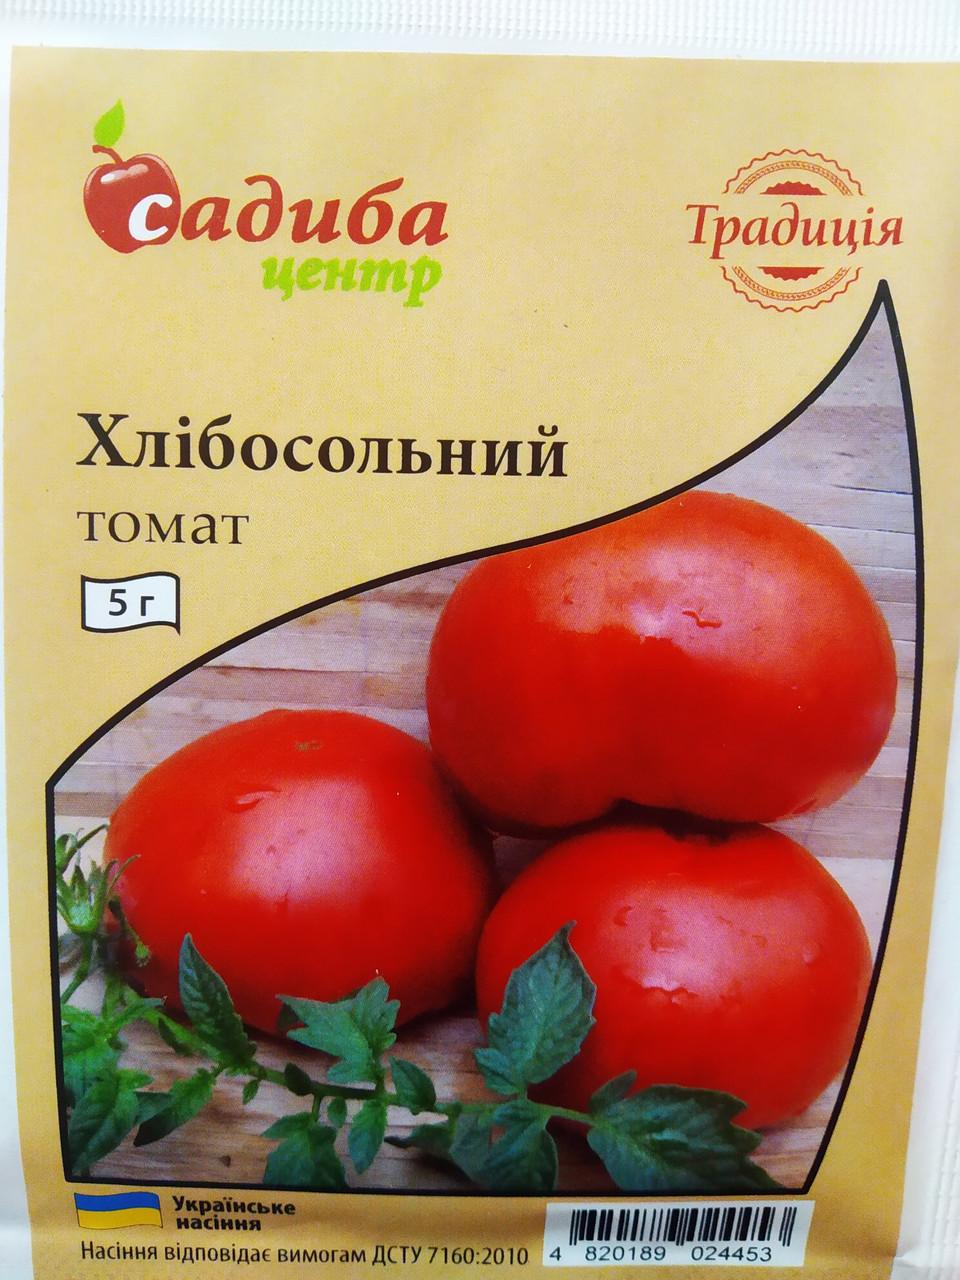 Семена томата Хлебосольный среднеранний, низкорослый, 5 грамм, Украина